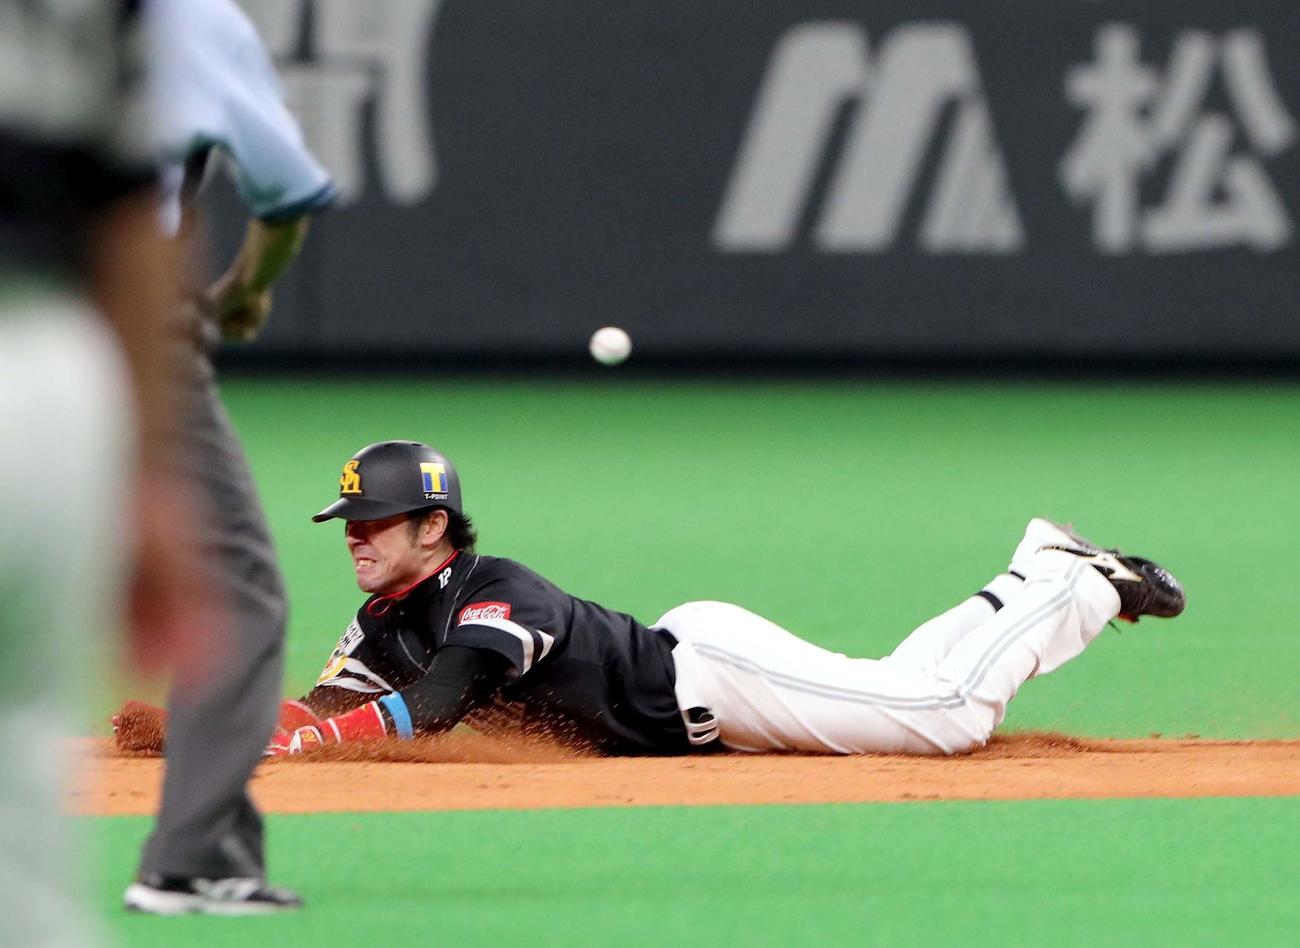 日本ハム対ソフトバンク 7回表ソフトバンク1死、高谷は二塁打を放つ(撮影・佐藤翔太)